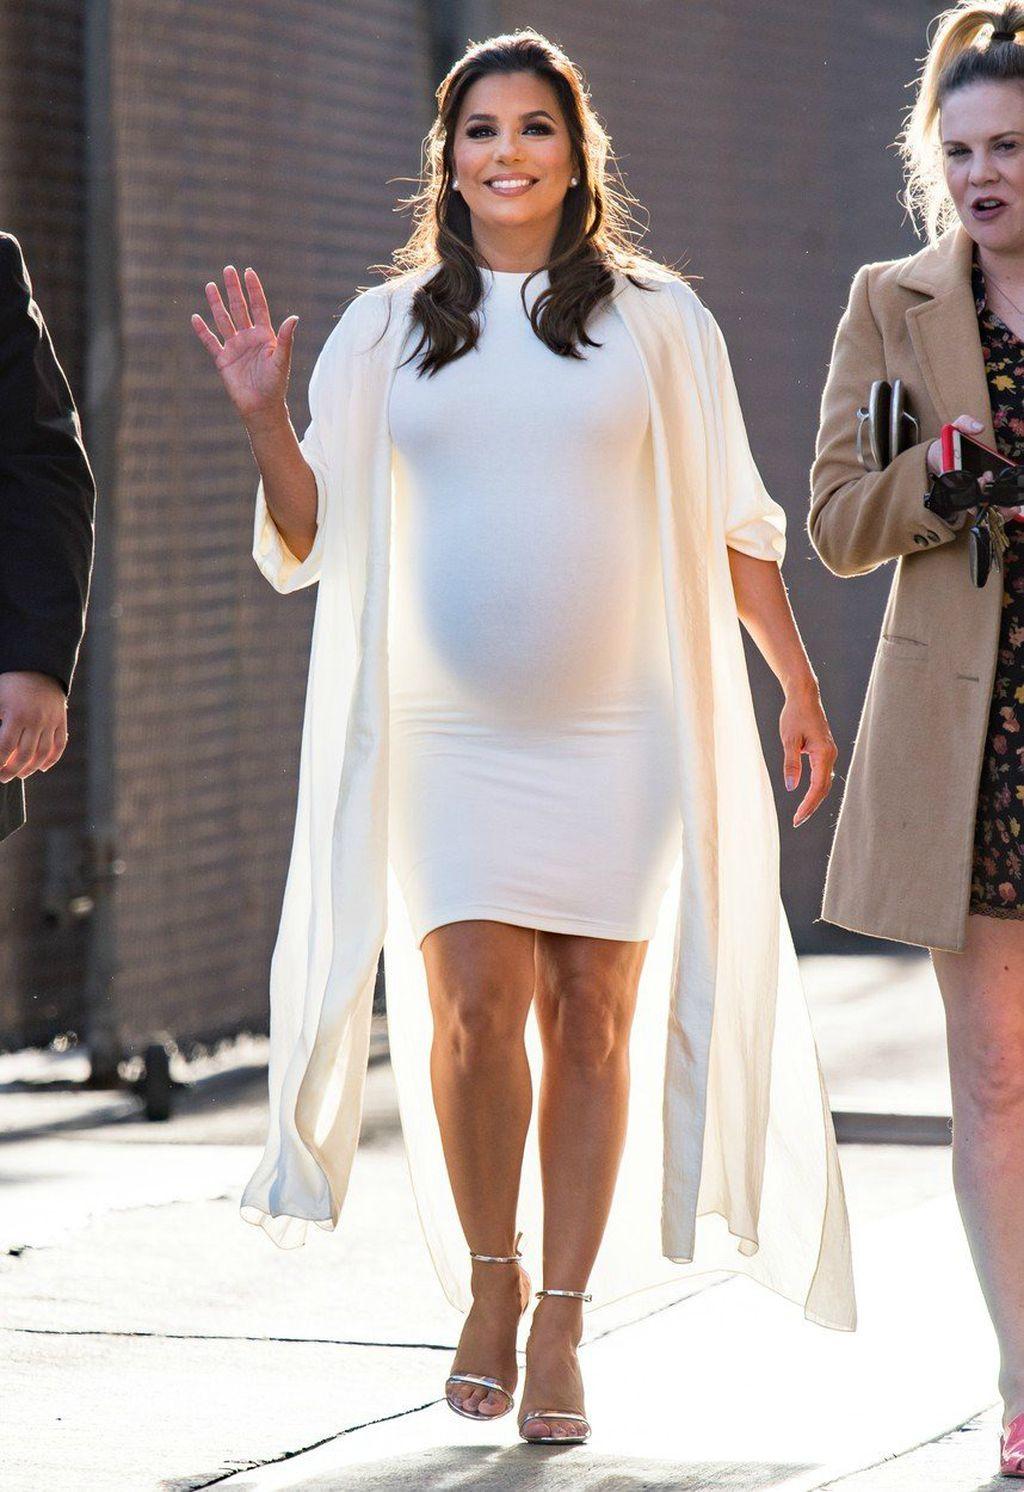 Eva u uskoj bijeloj haljini na snimanju showa Jimmyja Kimmela